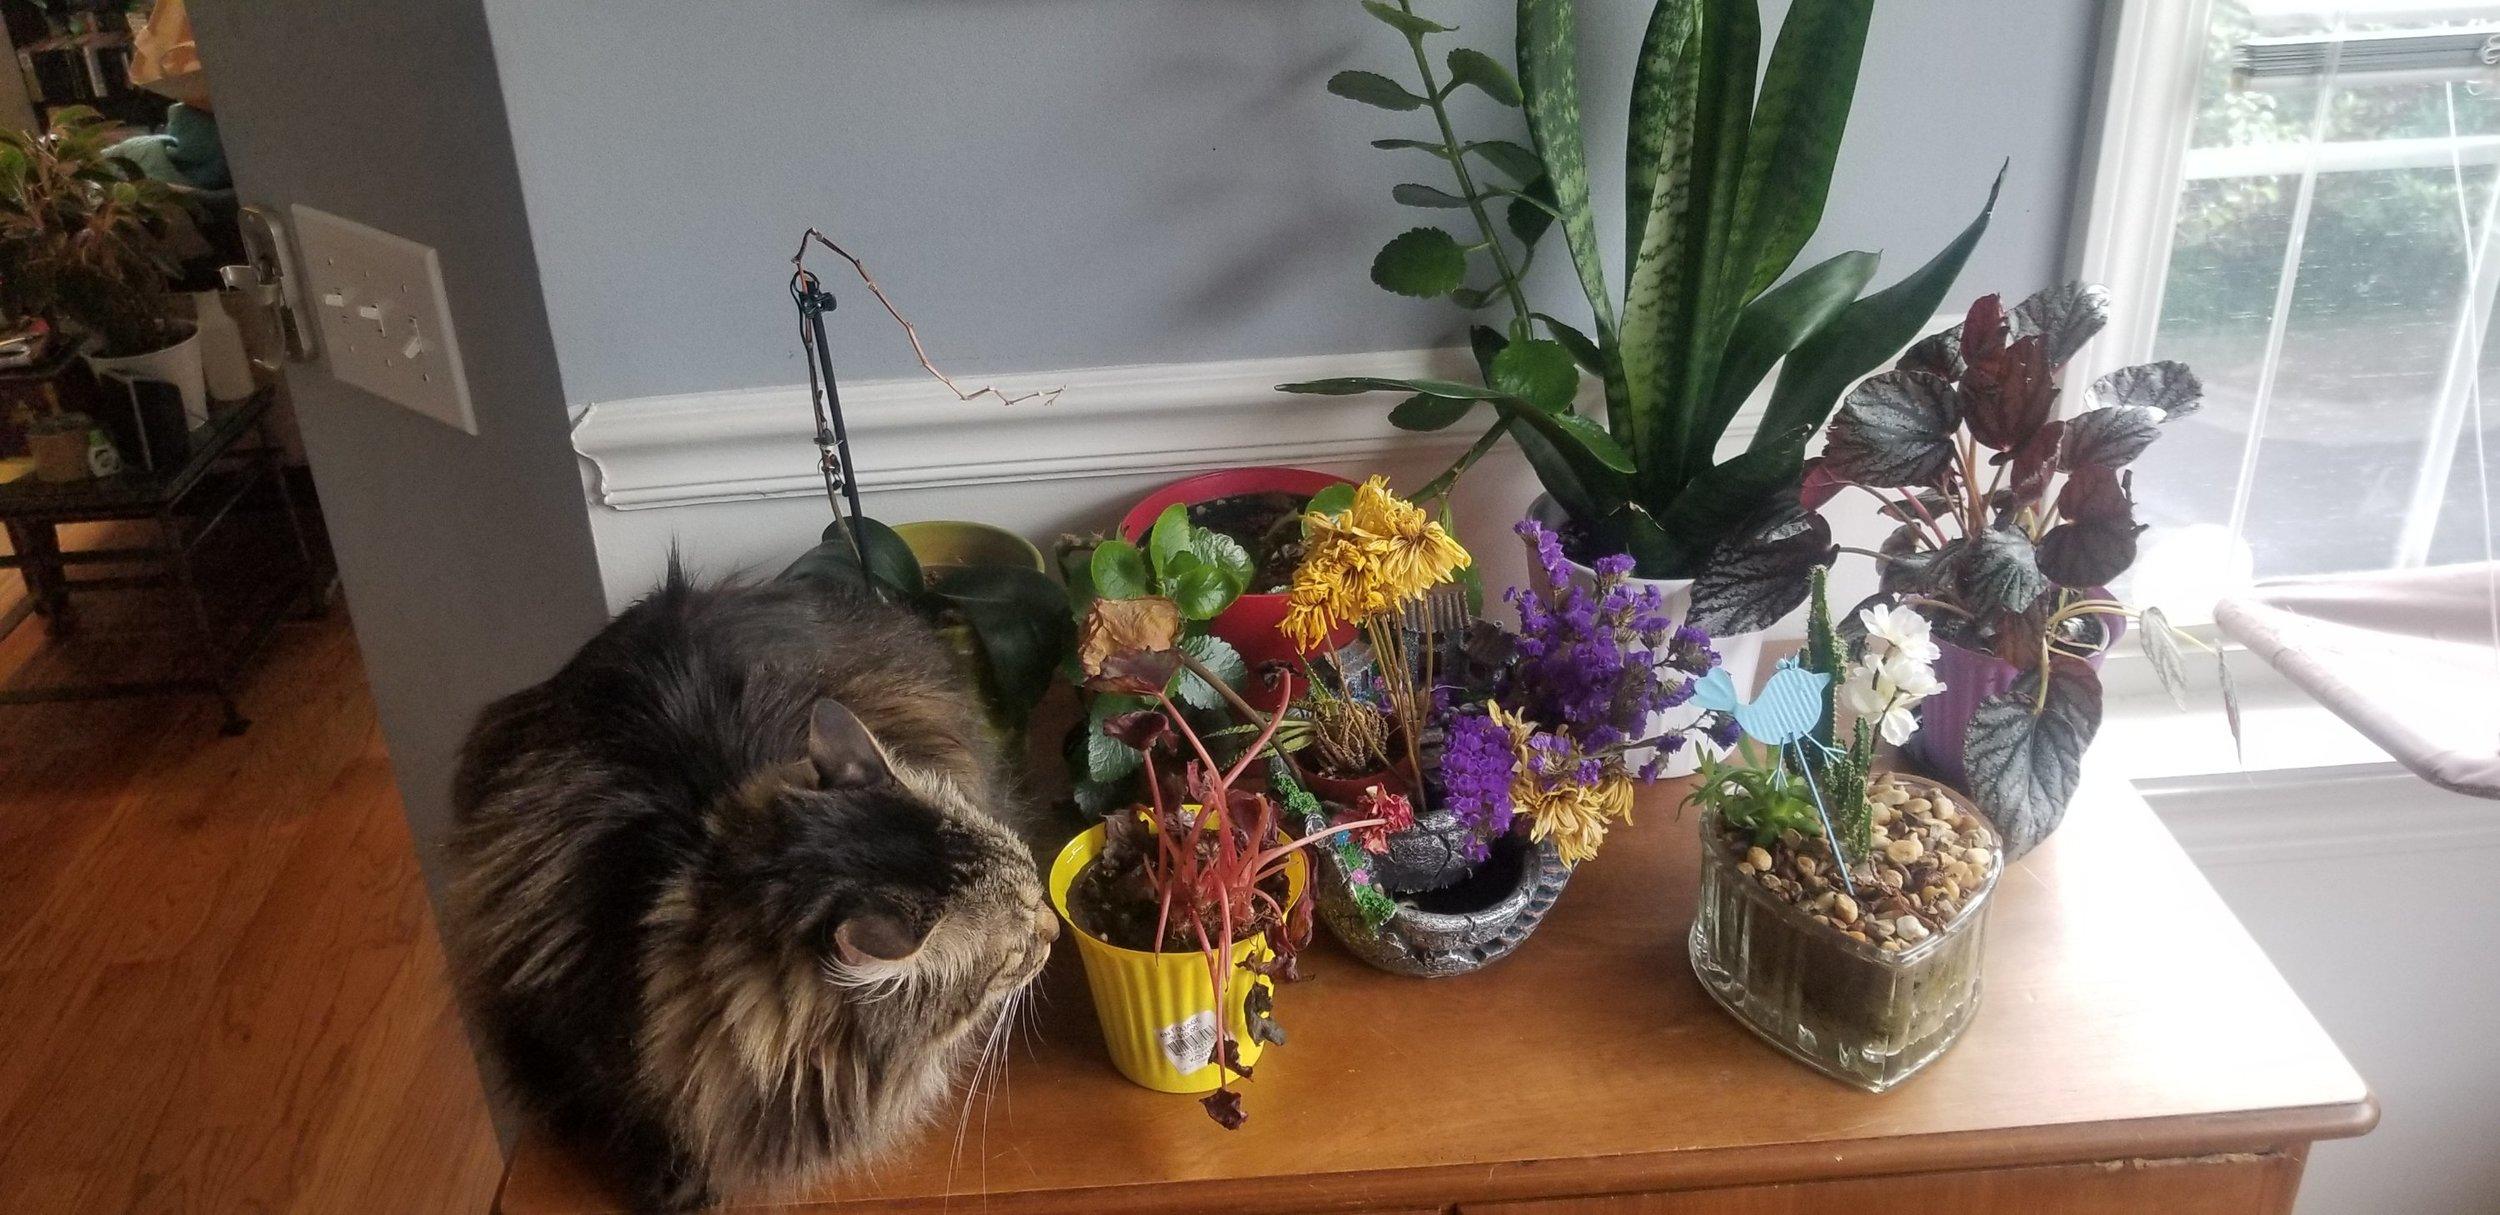 Cat by arrangement of plants